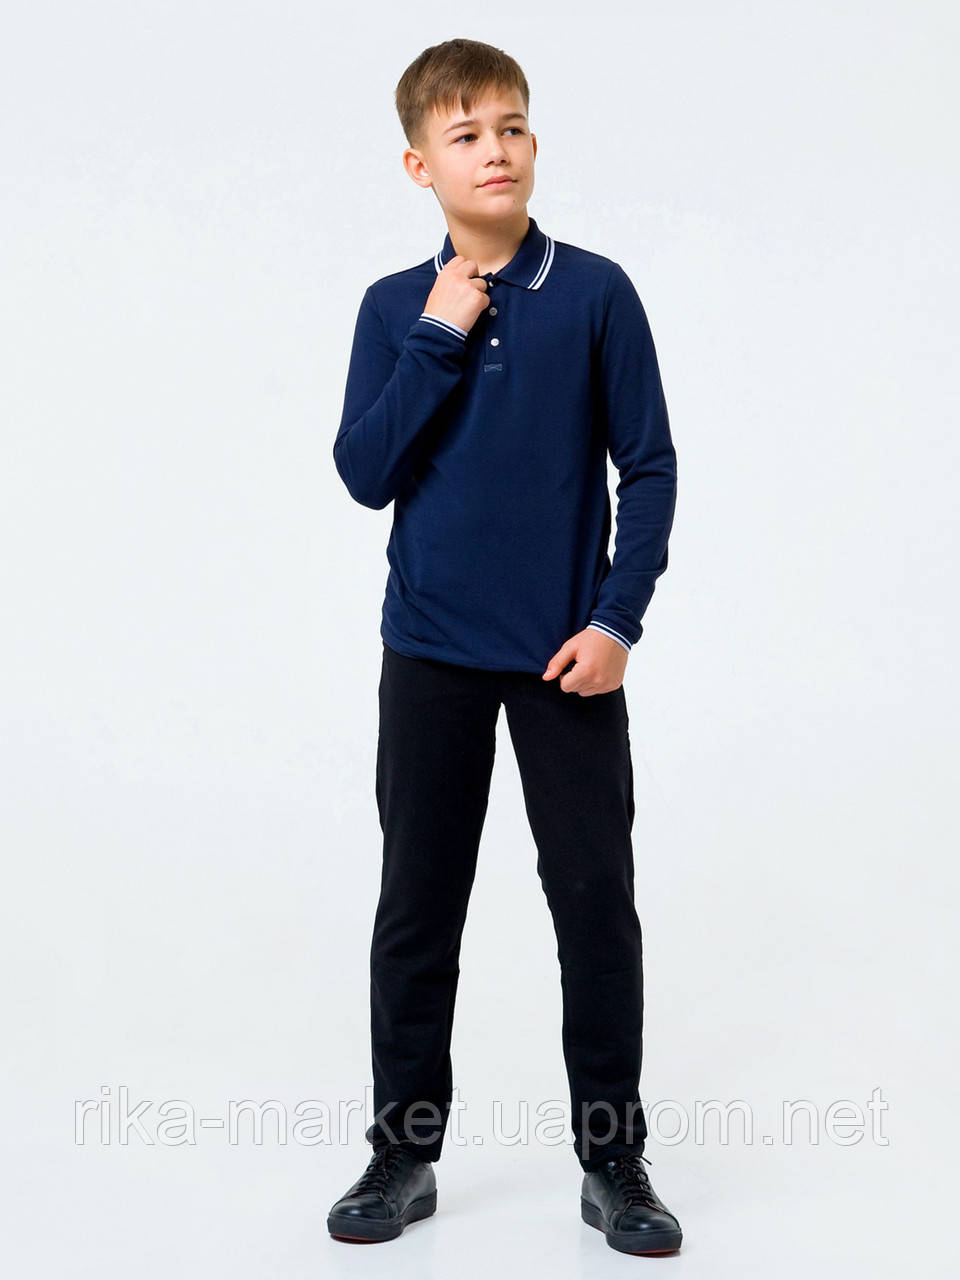 Школьные брюки для мальчика Смил 115443  6 - 10 лет